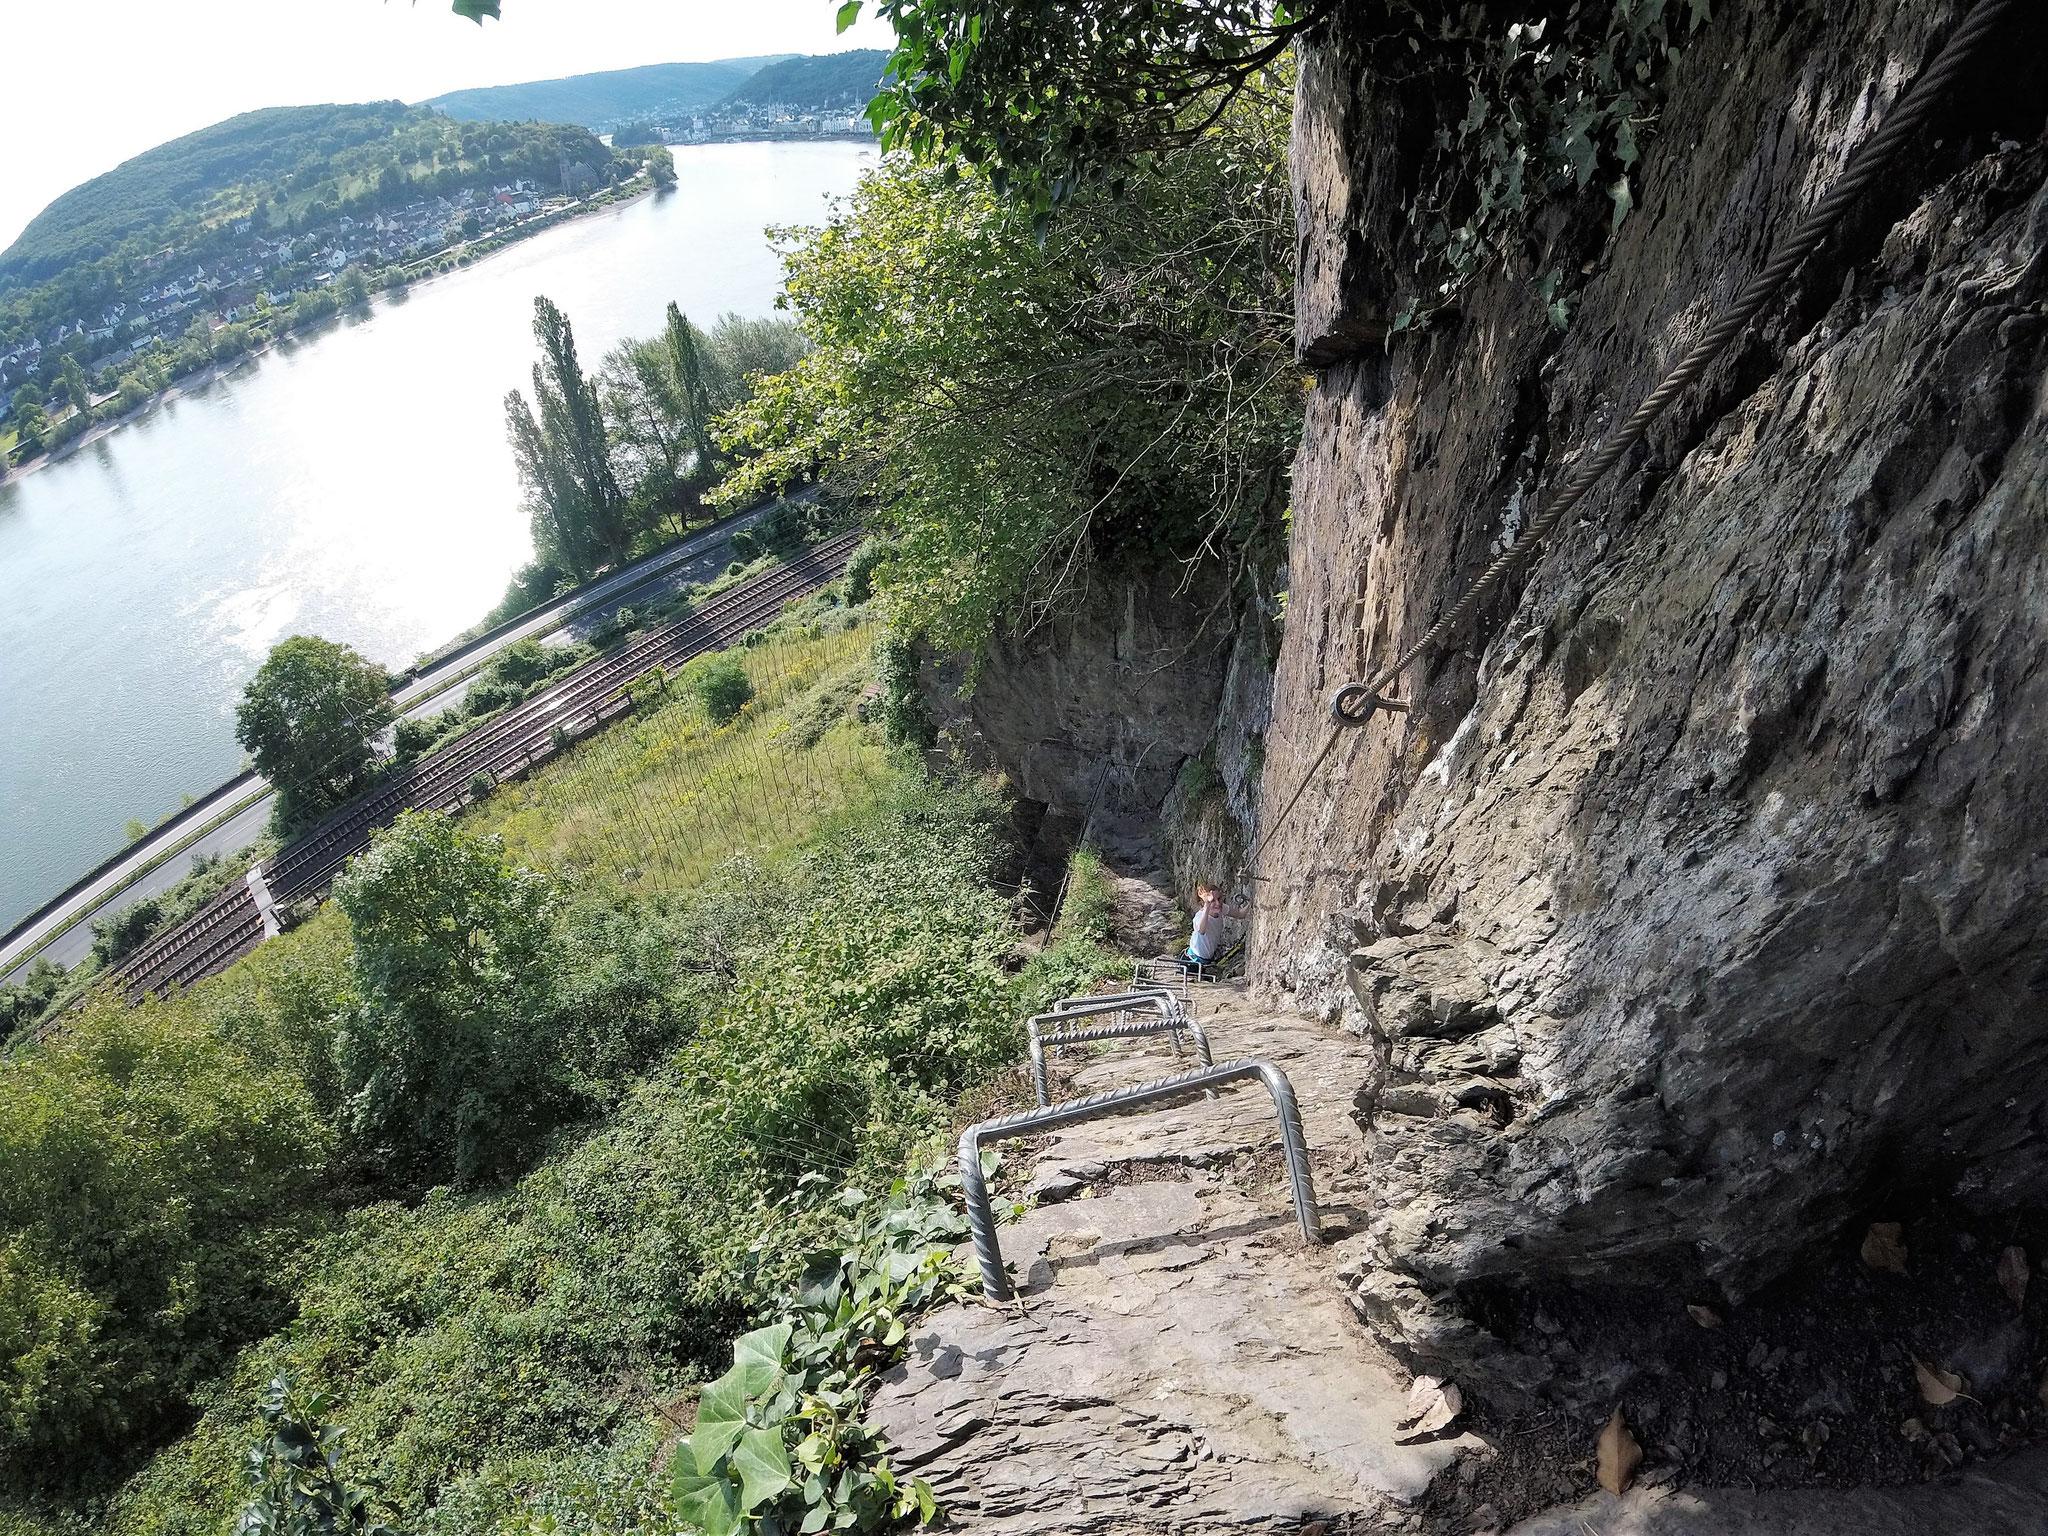 Klettersteig Quarzit : Mittelrheinklettersteig trailrunning hunsrück